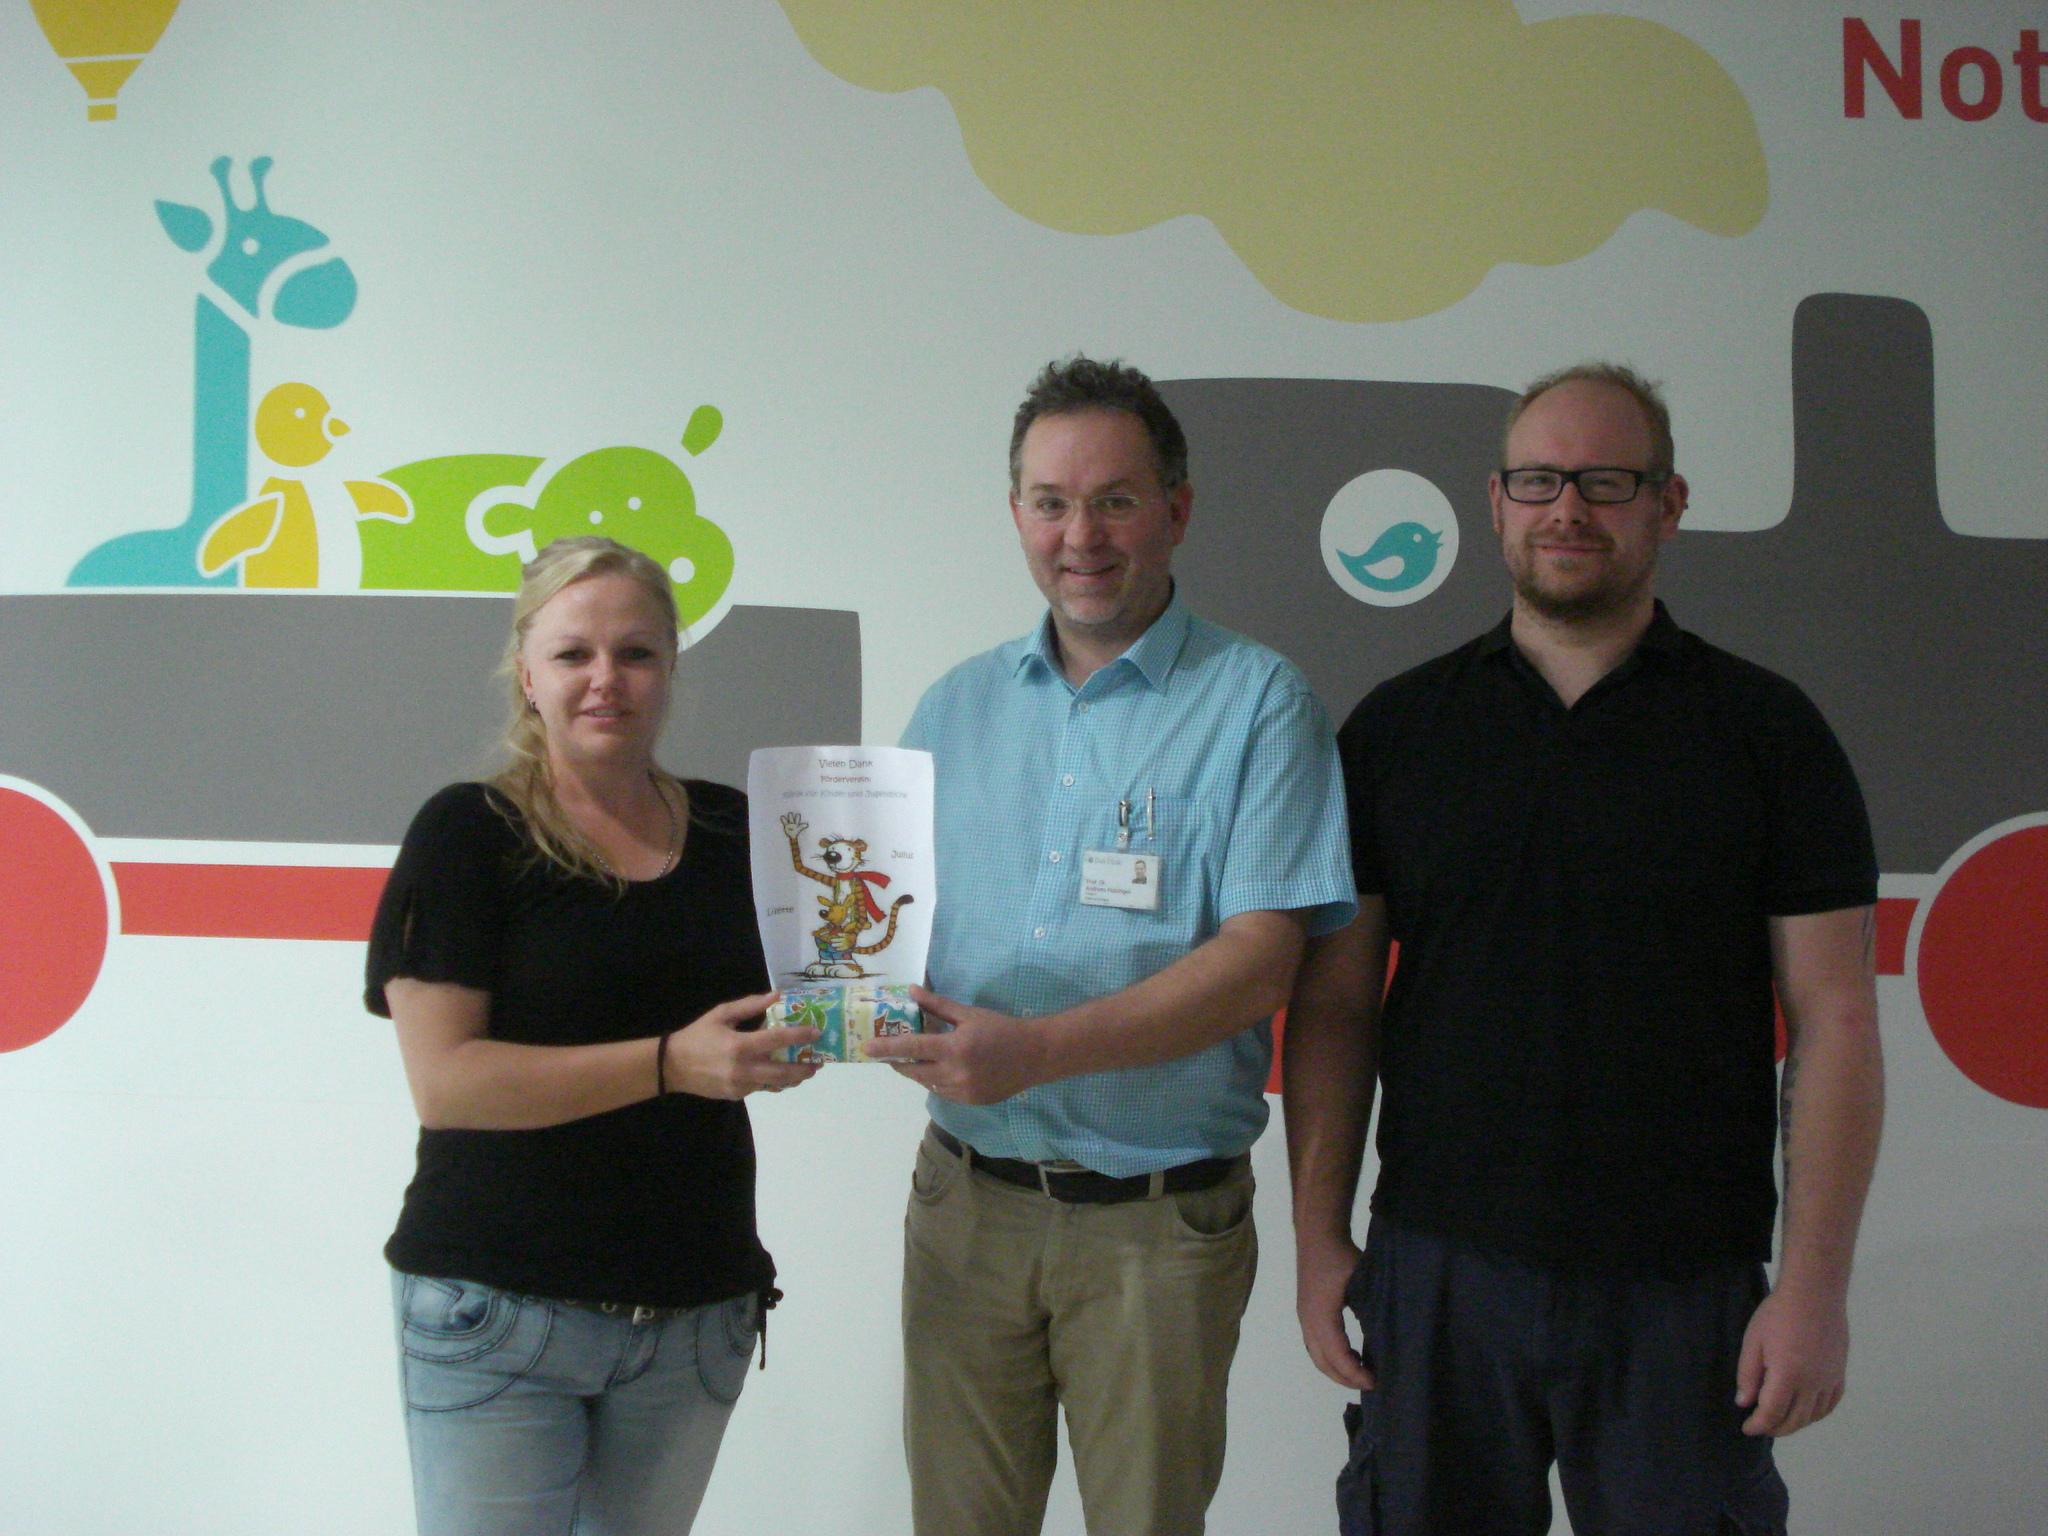 Miriam und Oliver Schulz spenden 200 € an den Förderverein der Klinik für Kinder und Jugendliche